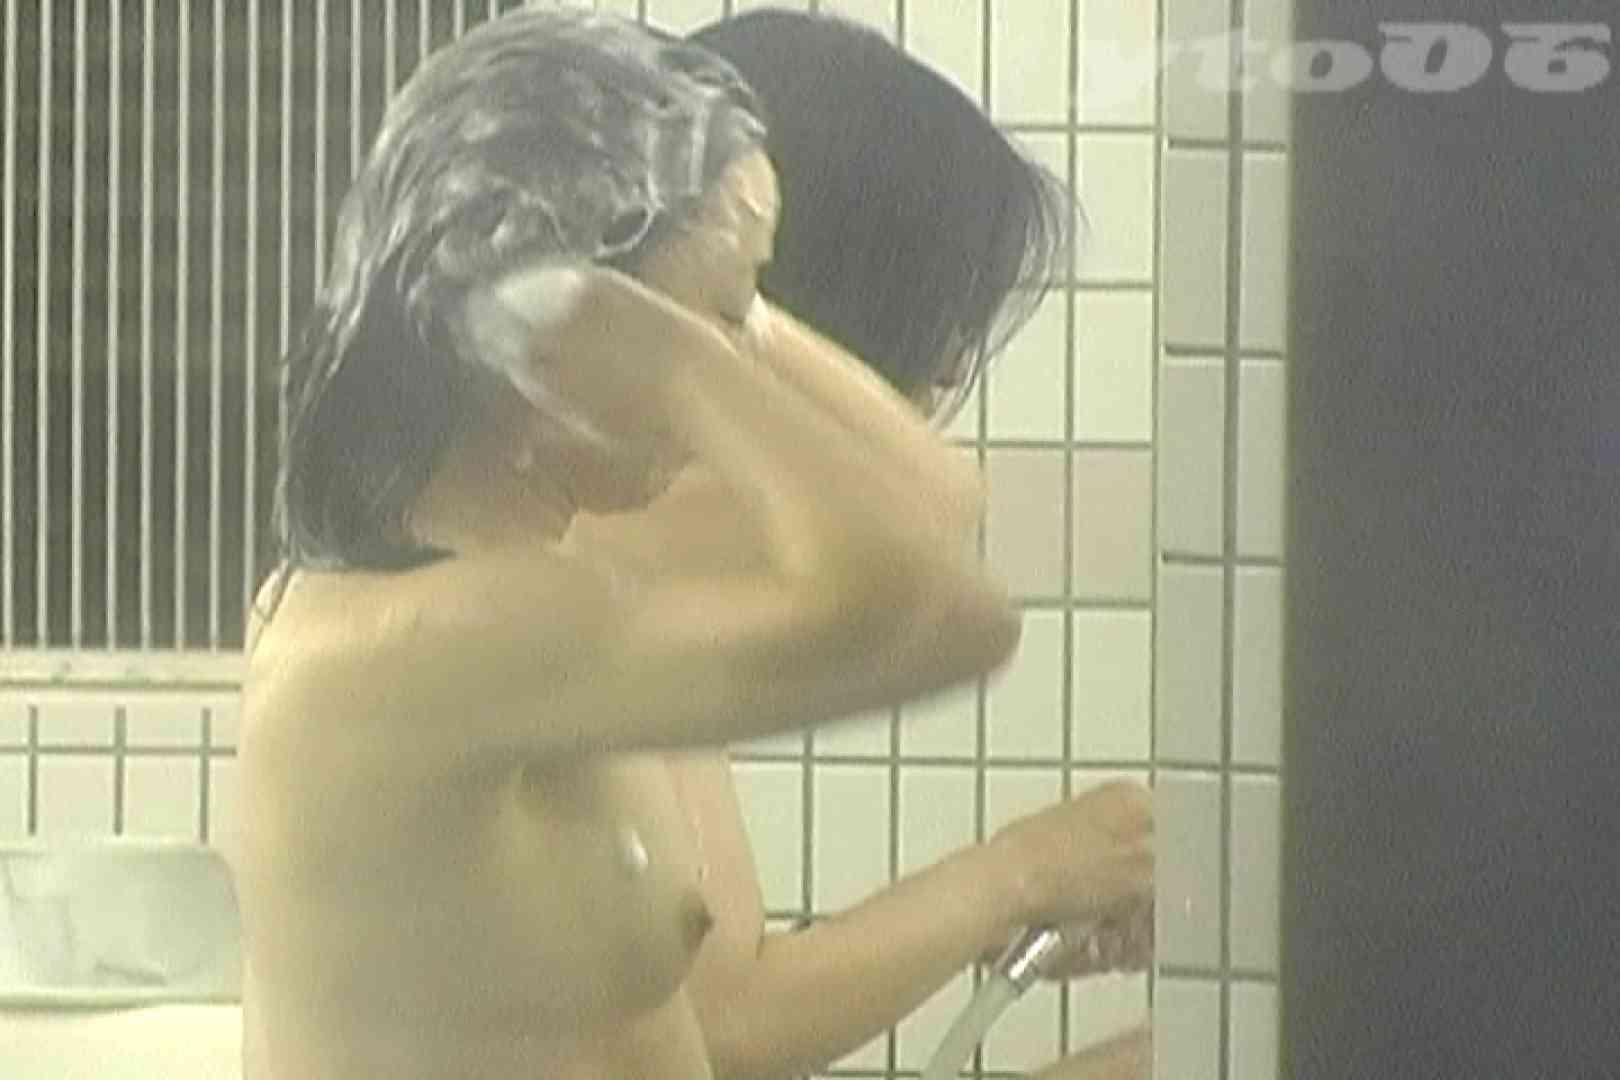 ▲復活限定▲合宿ホテル女風呂盗撮 Vol.36 ホテル AV動画キャプチャ 78PIX 22